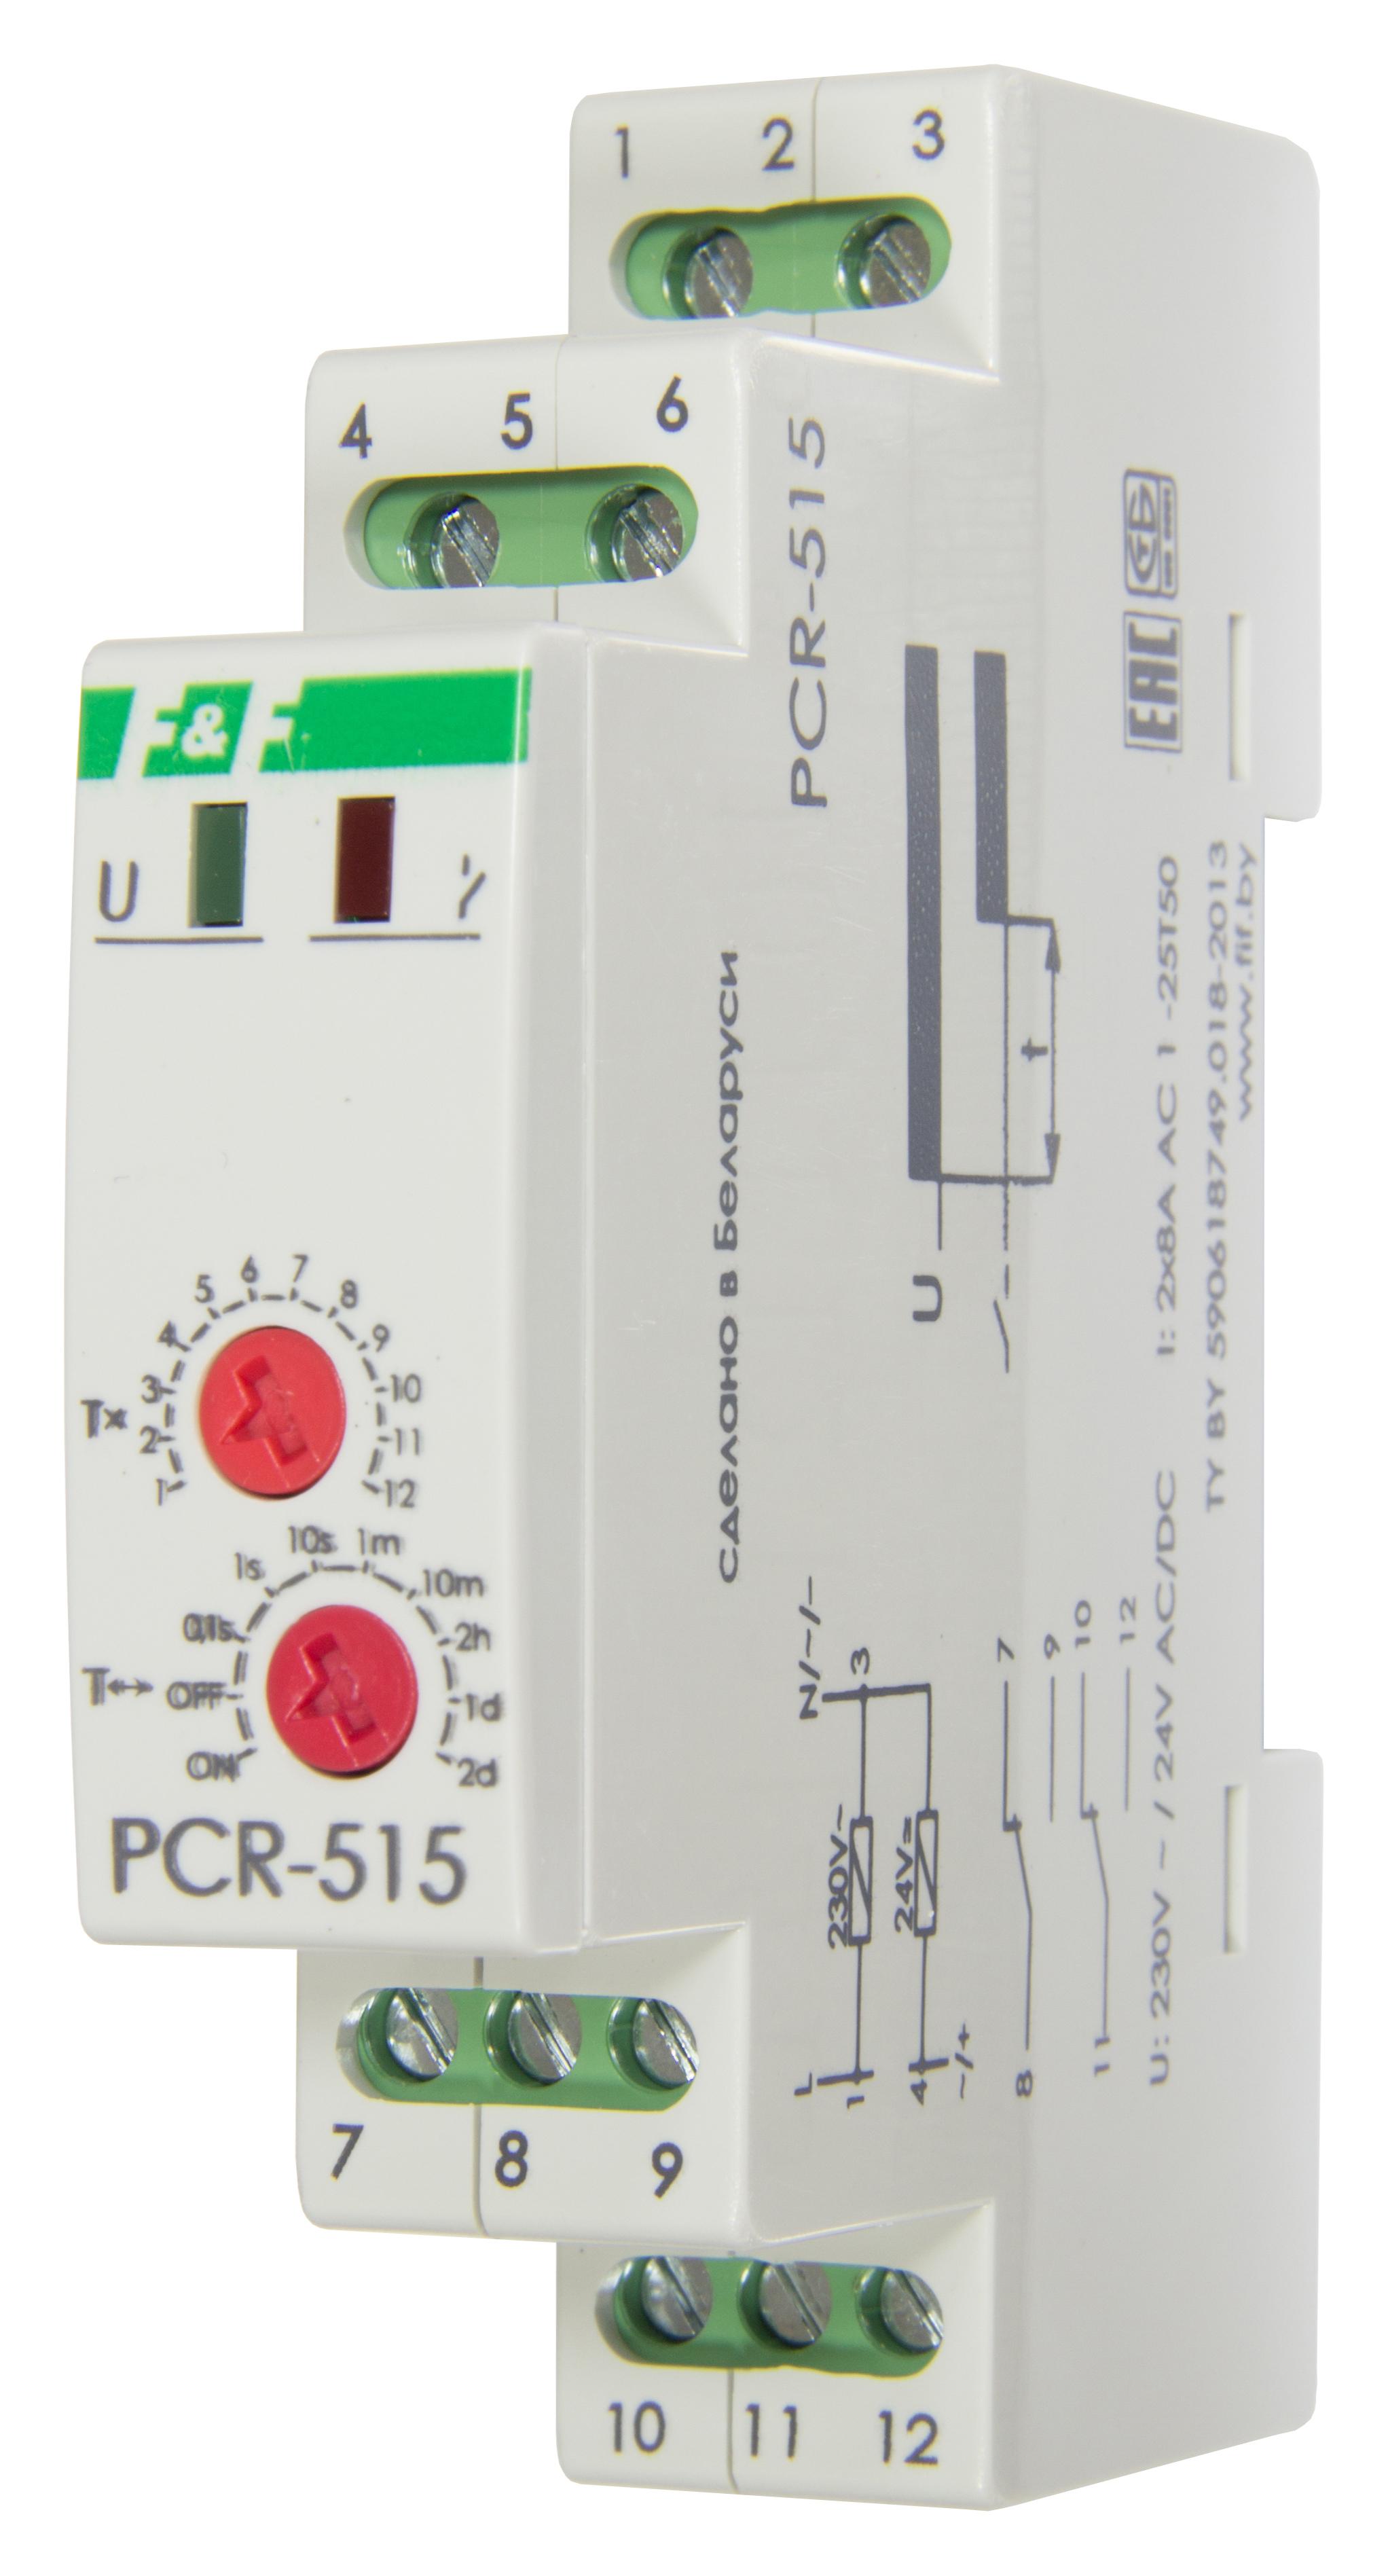 Купить Реле времени с задержкой включения PCR-515, контакт 2Р, монт. на DIN-рейке 35 мм, Евроавтоматика ФиФ